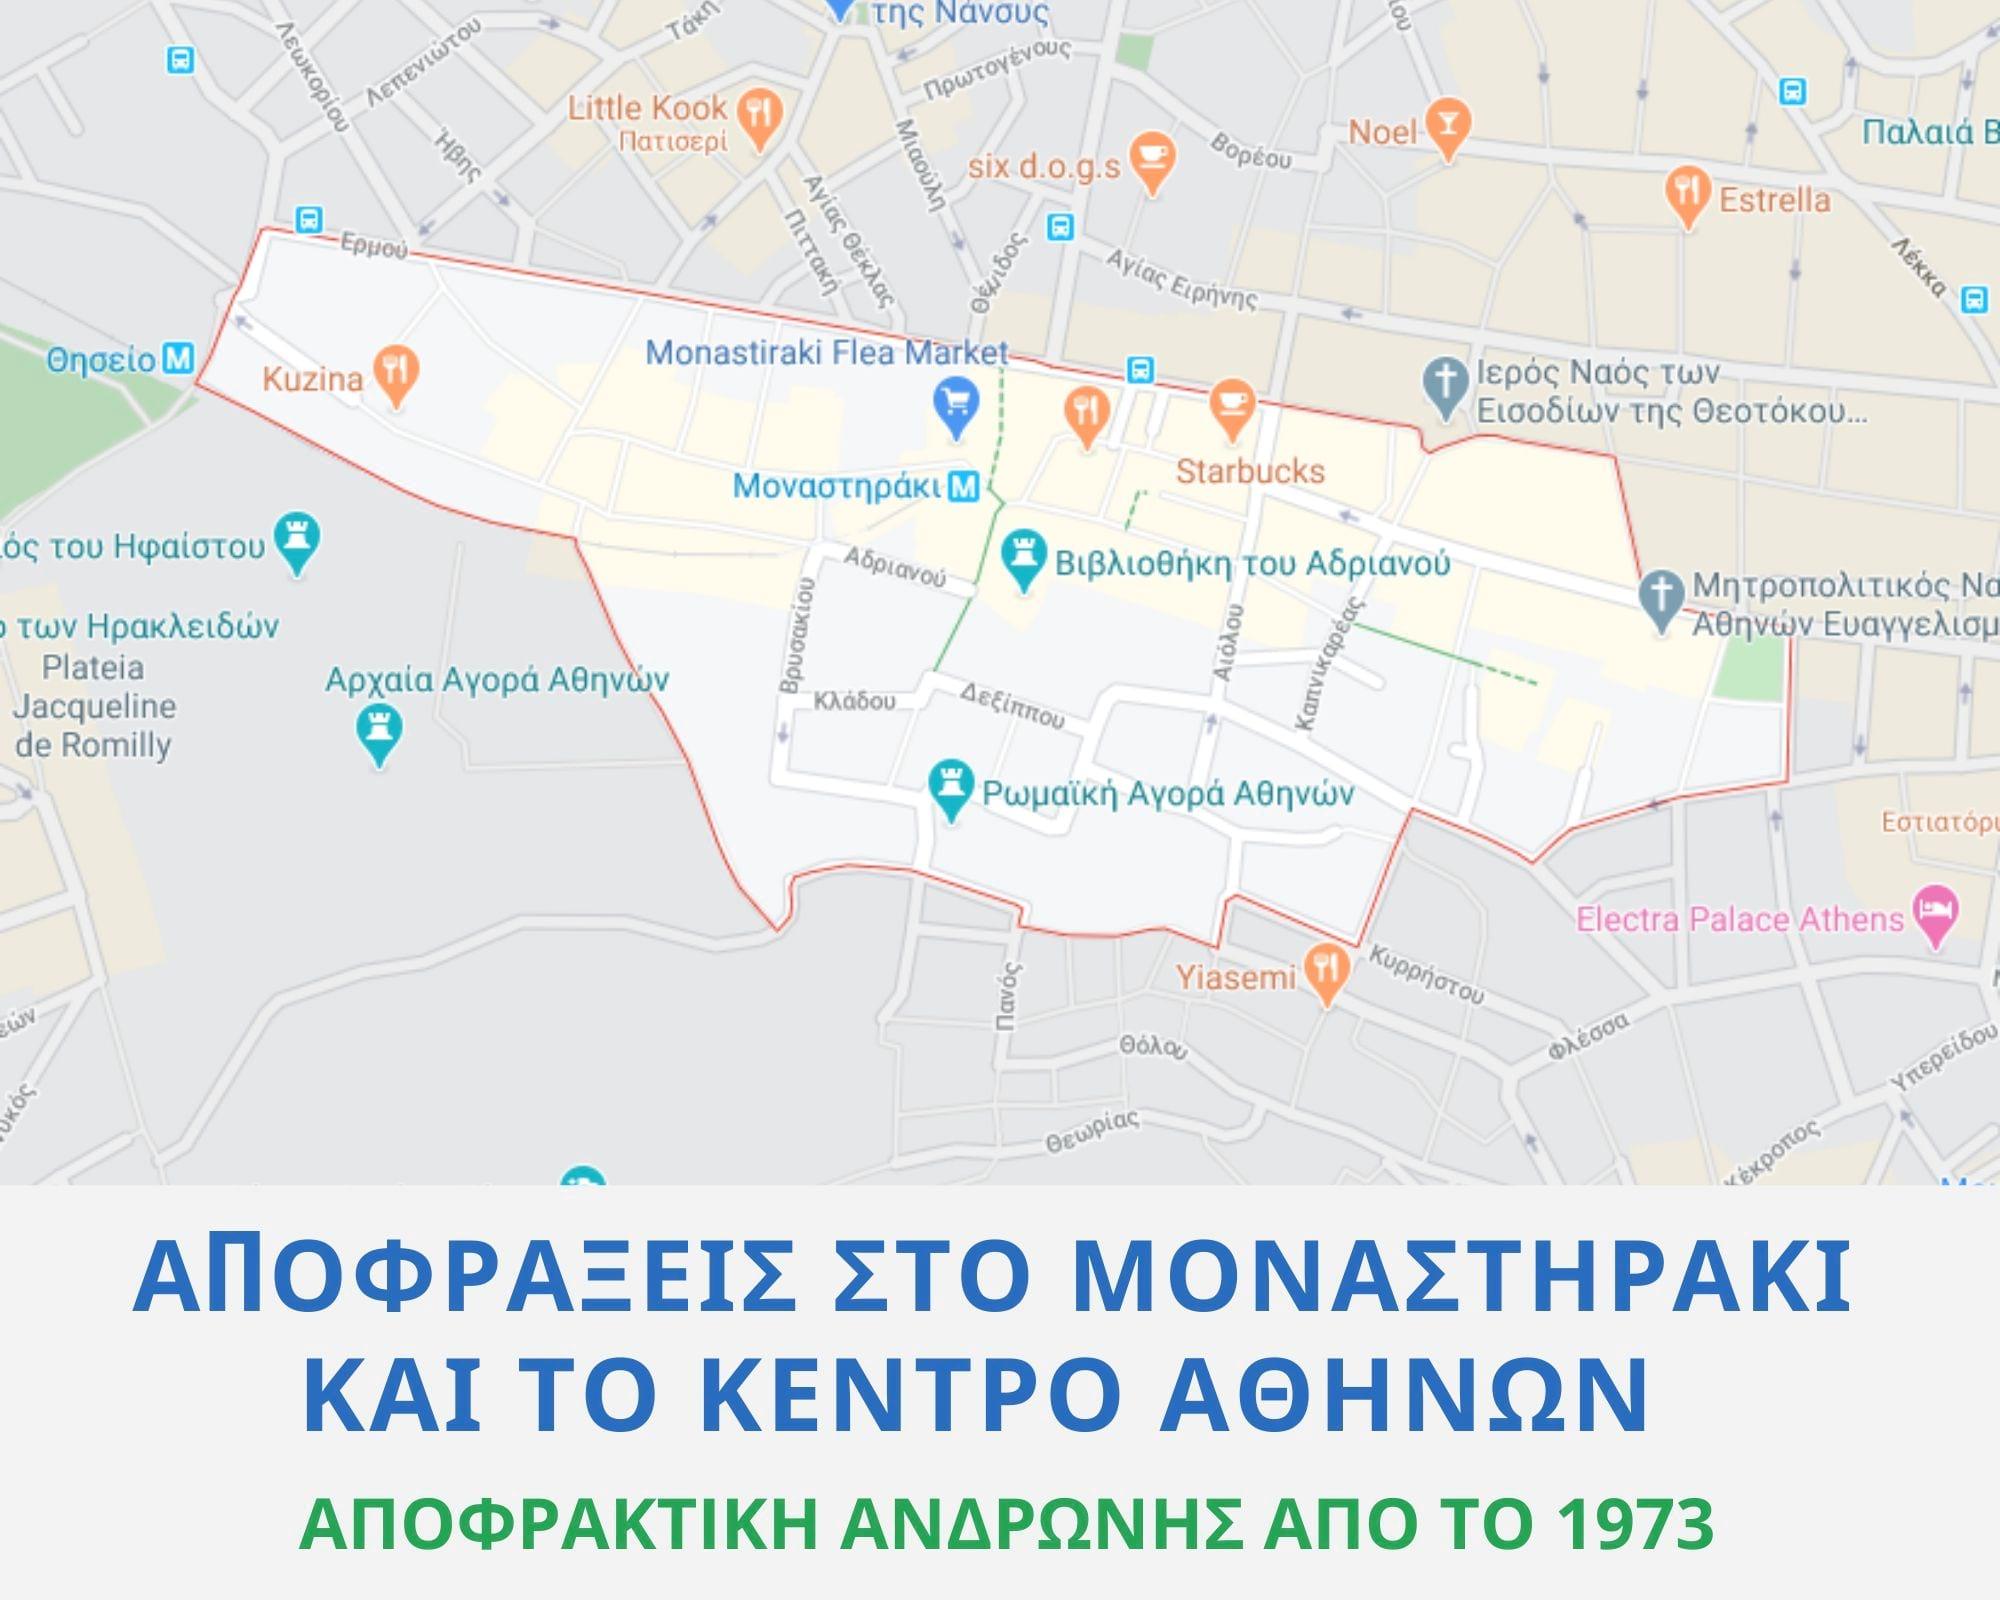 Αποφράξεις Μοναστηράκι - 2106464000